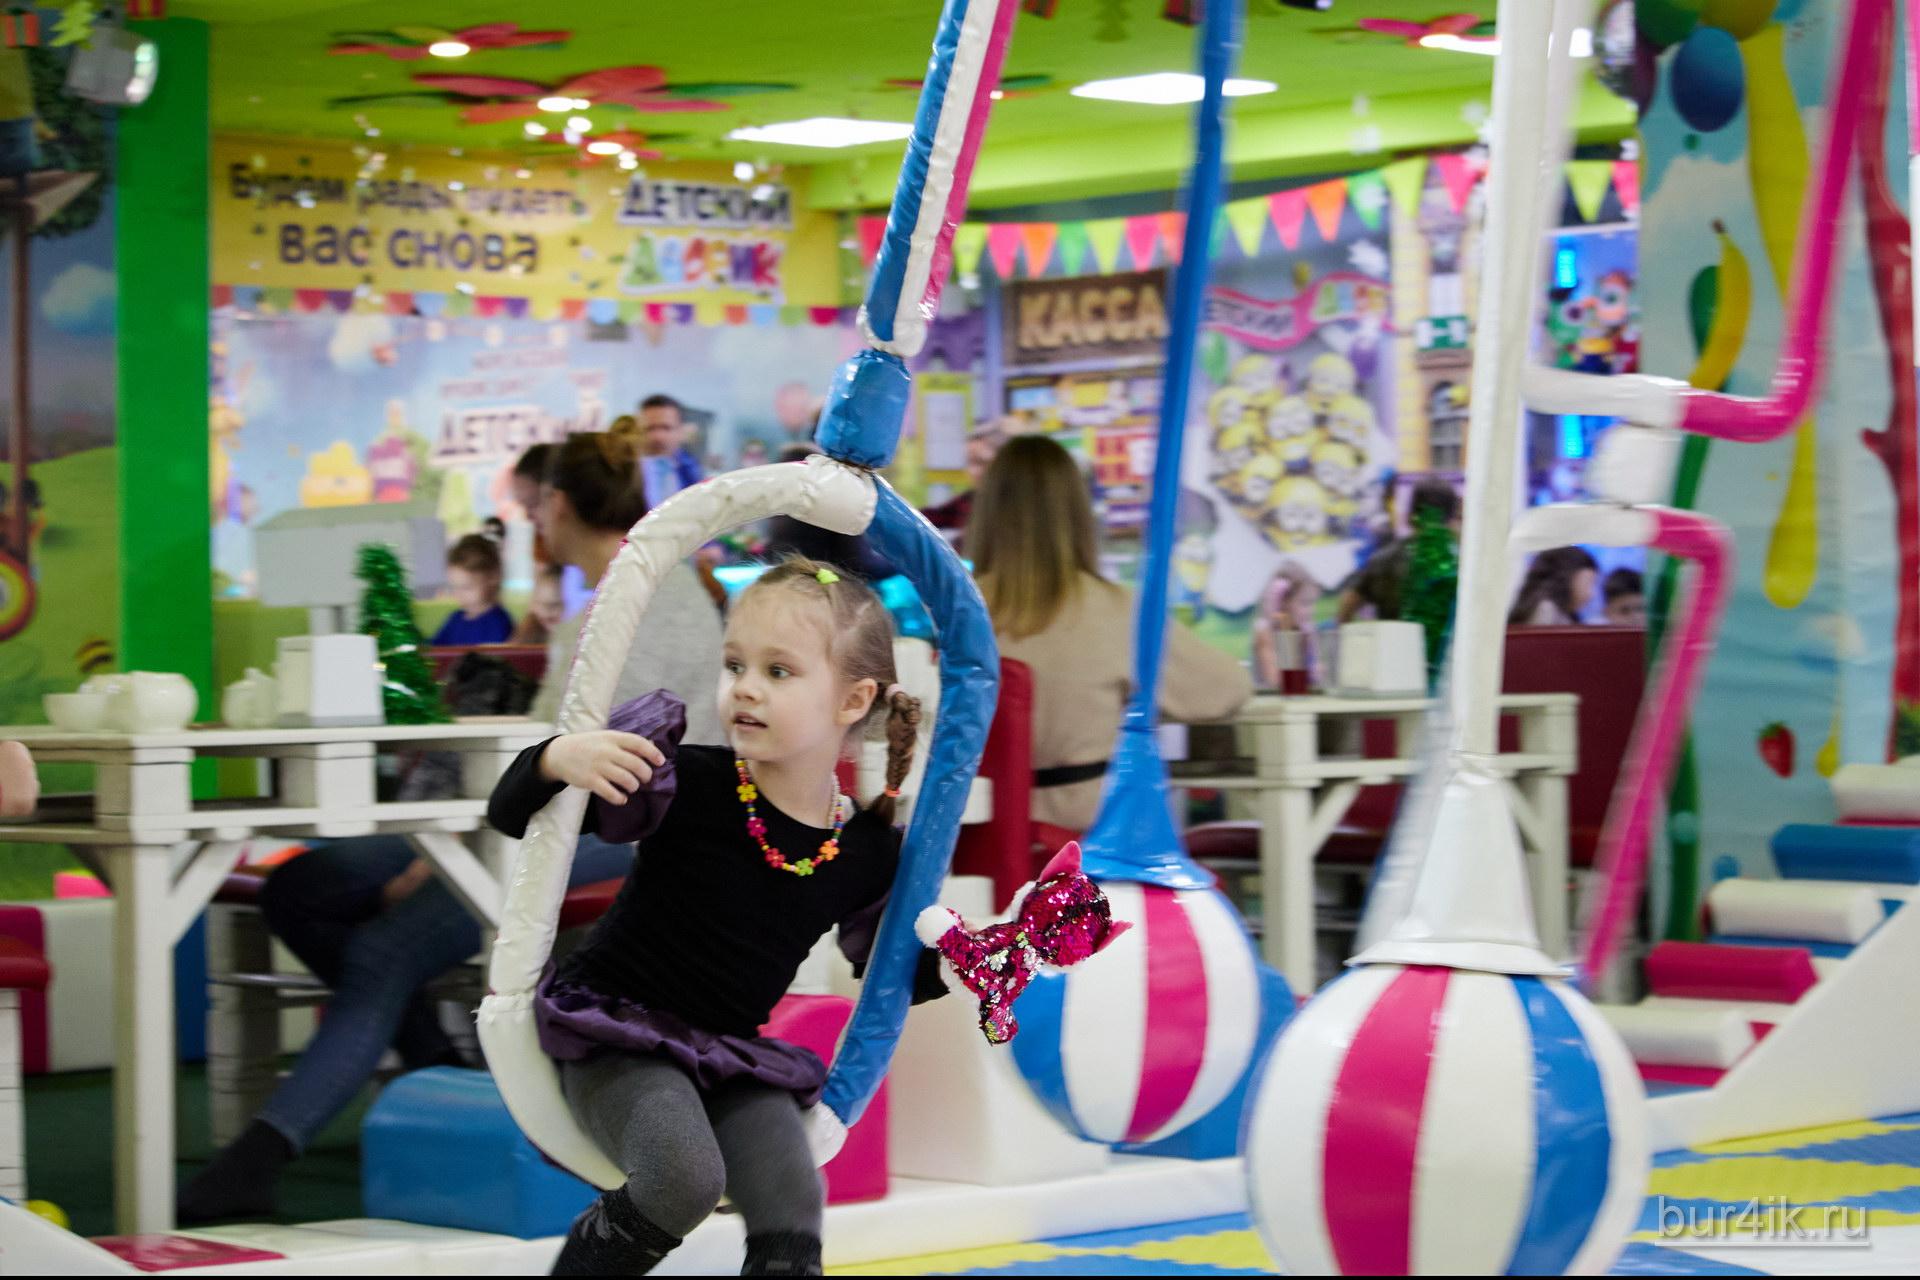 Фото Детское День Рождения в Детский Дворик 15.01.2020 №260 -photo- bur4ik.ru